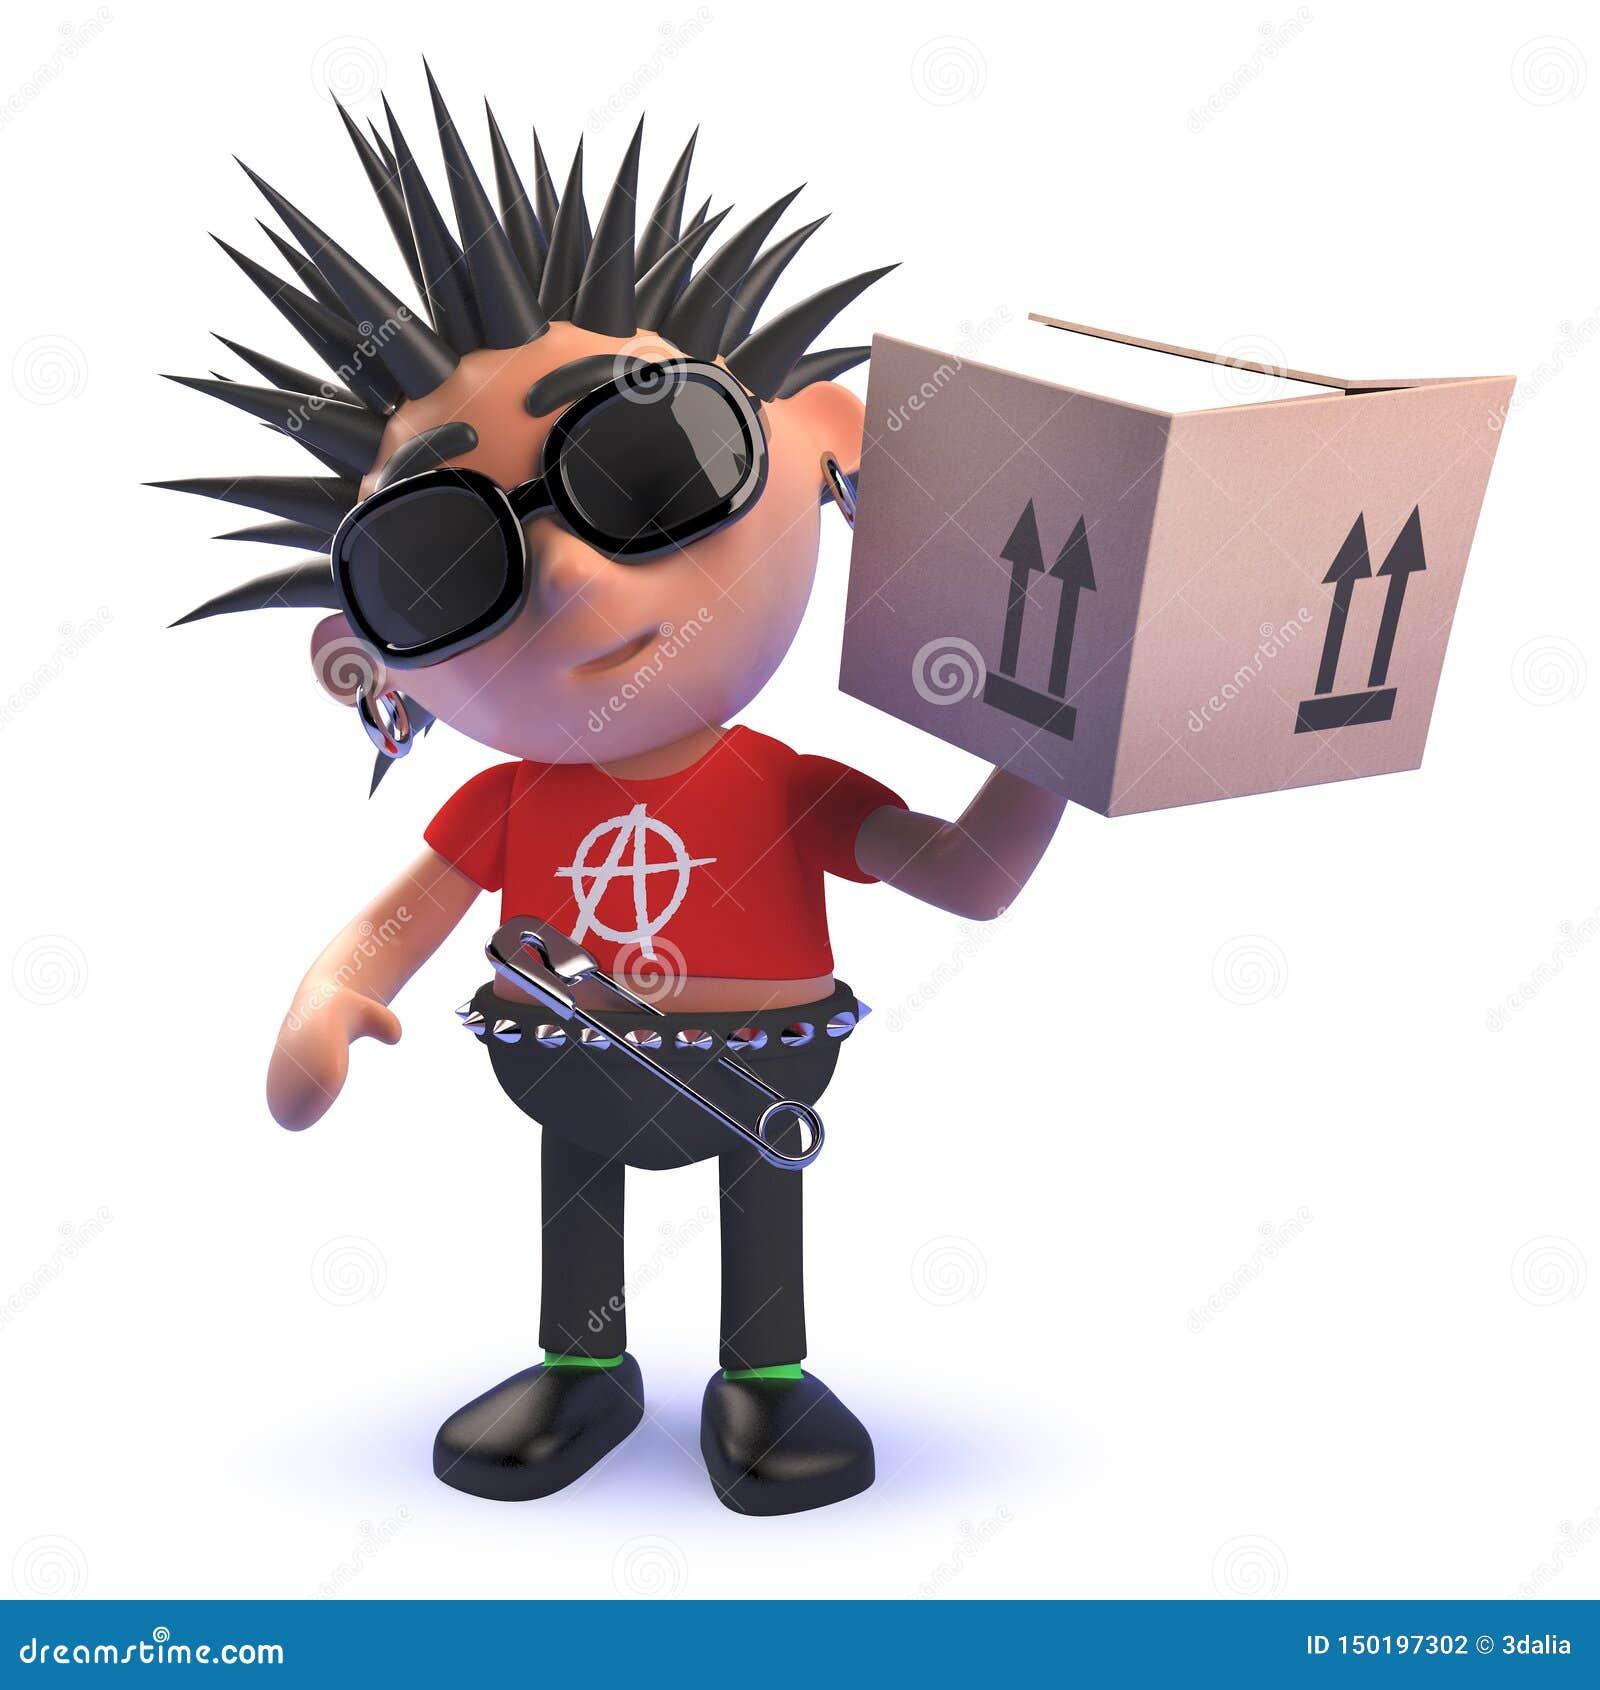 Κακοήθης πανκ rocker κινούμενων σχεδίων χαρακτήρας σε τρισδιάστατο παραδίδοντας ένα κουτί από χαρτόνι